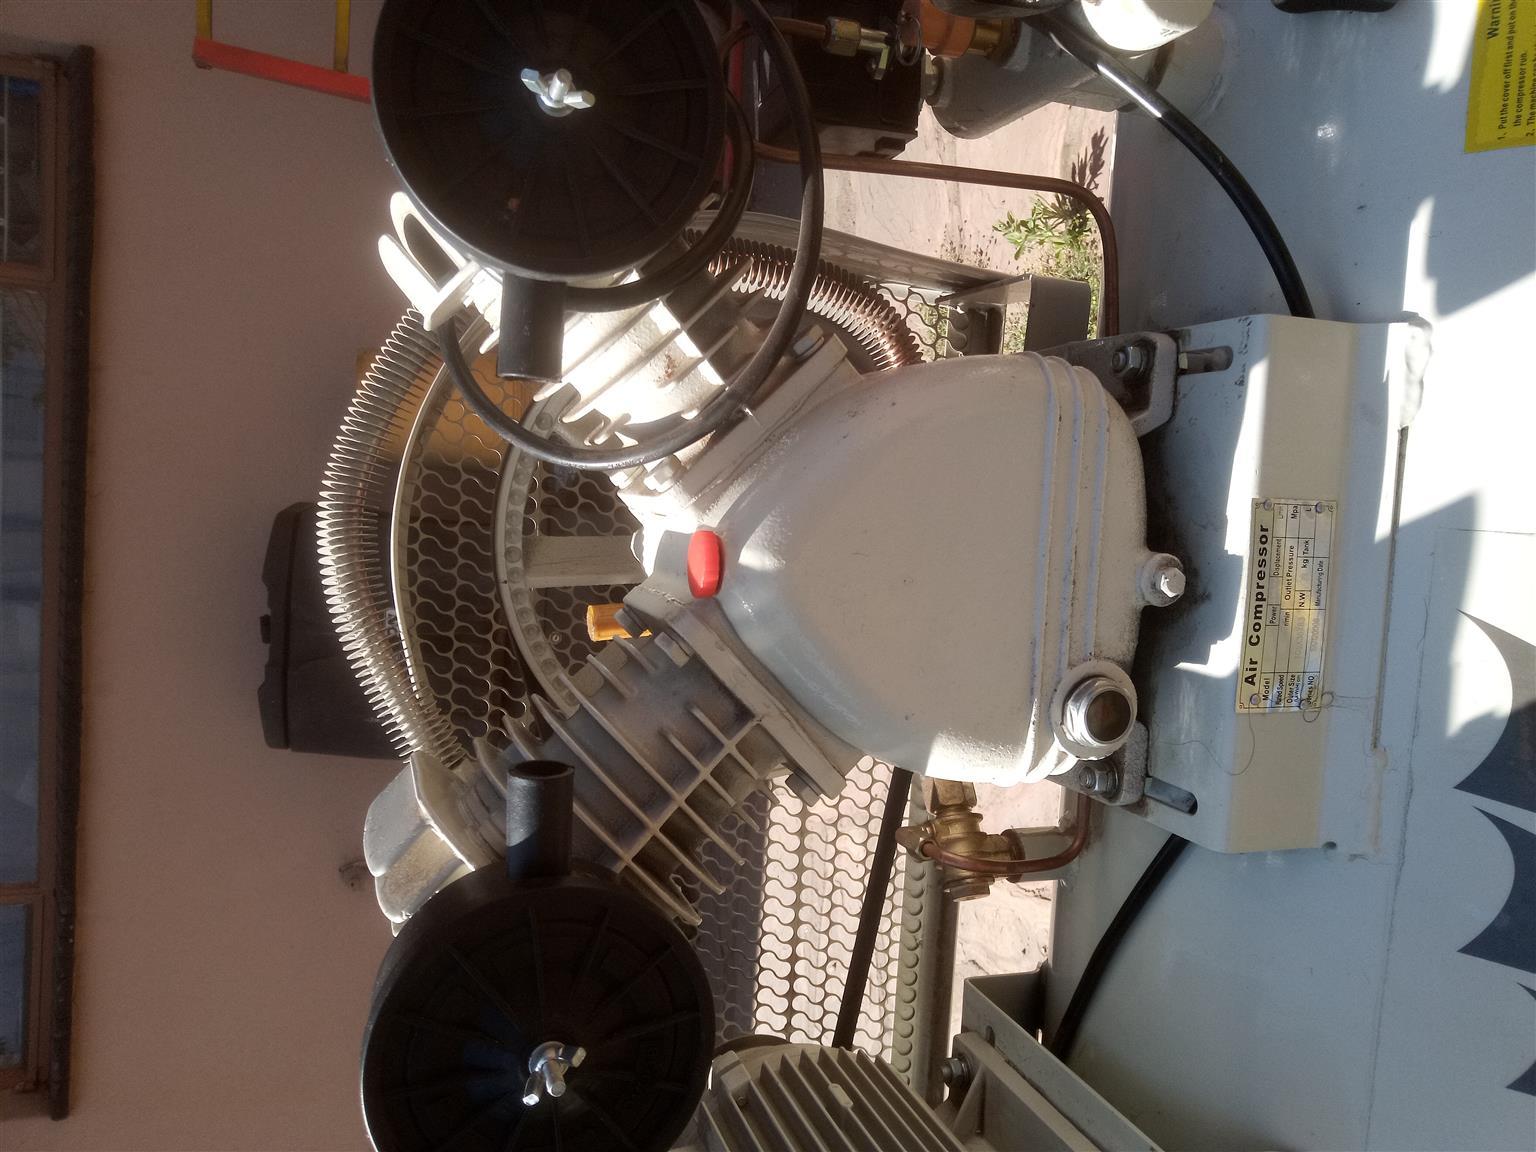 100 l kompressor and more